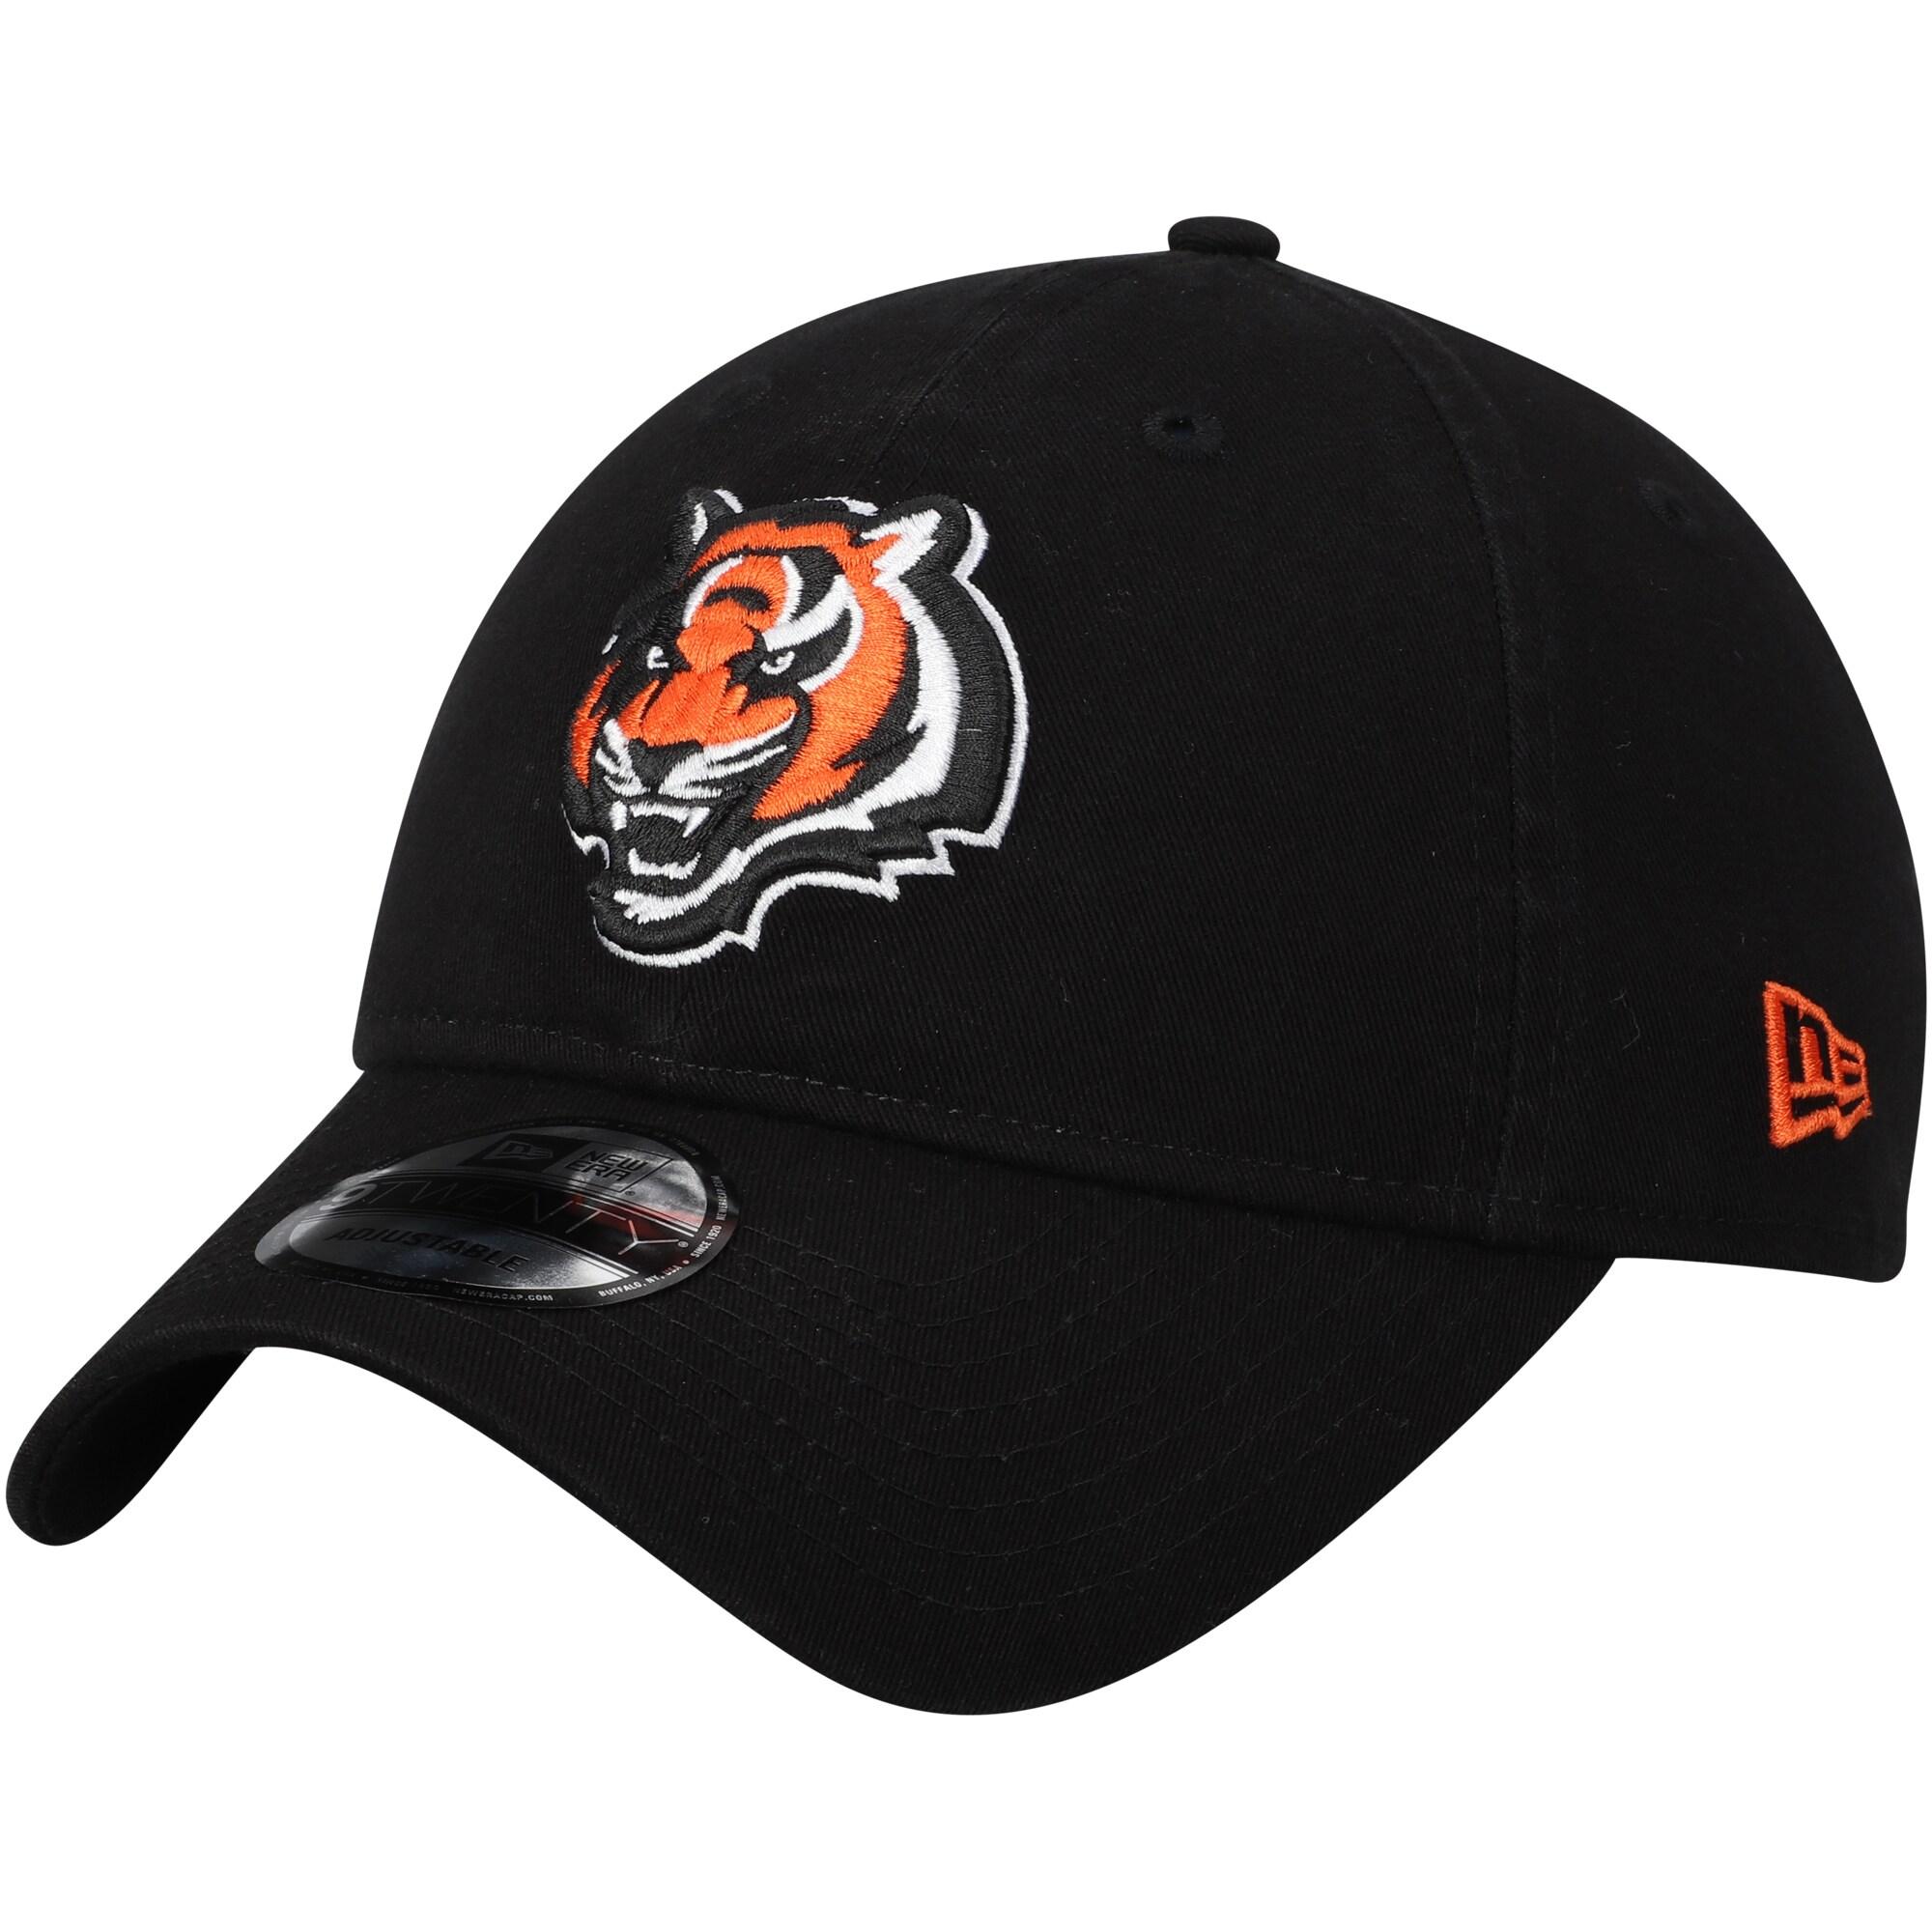 Cincinnati Bengals New Era Core Classic Secondary Logo 9TWENTY Adjustable Hat - Black